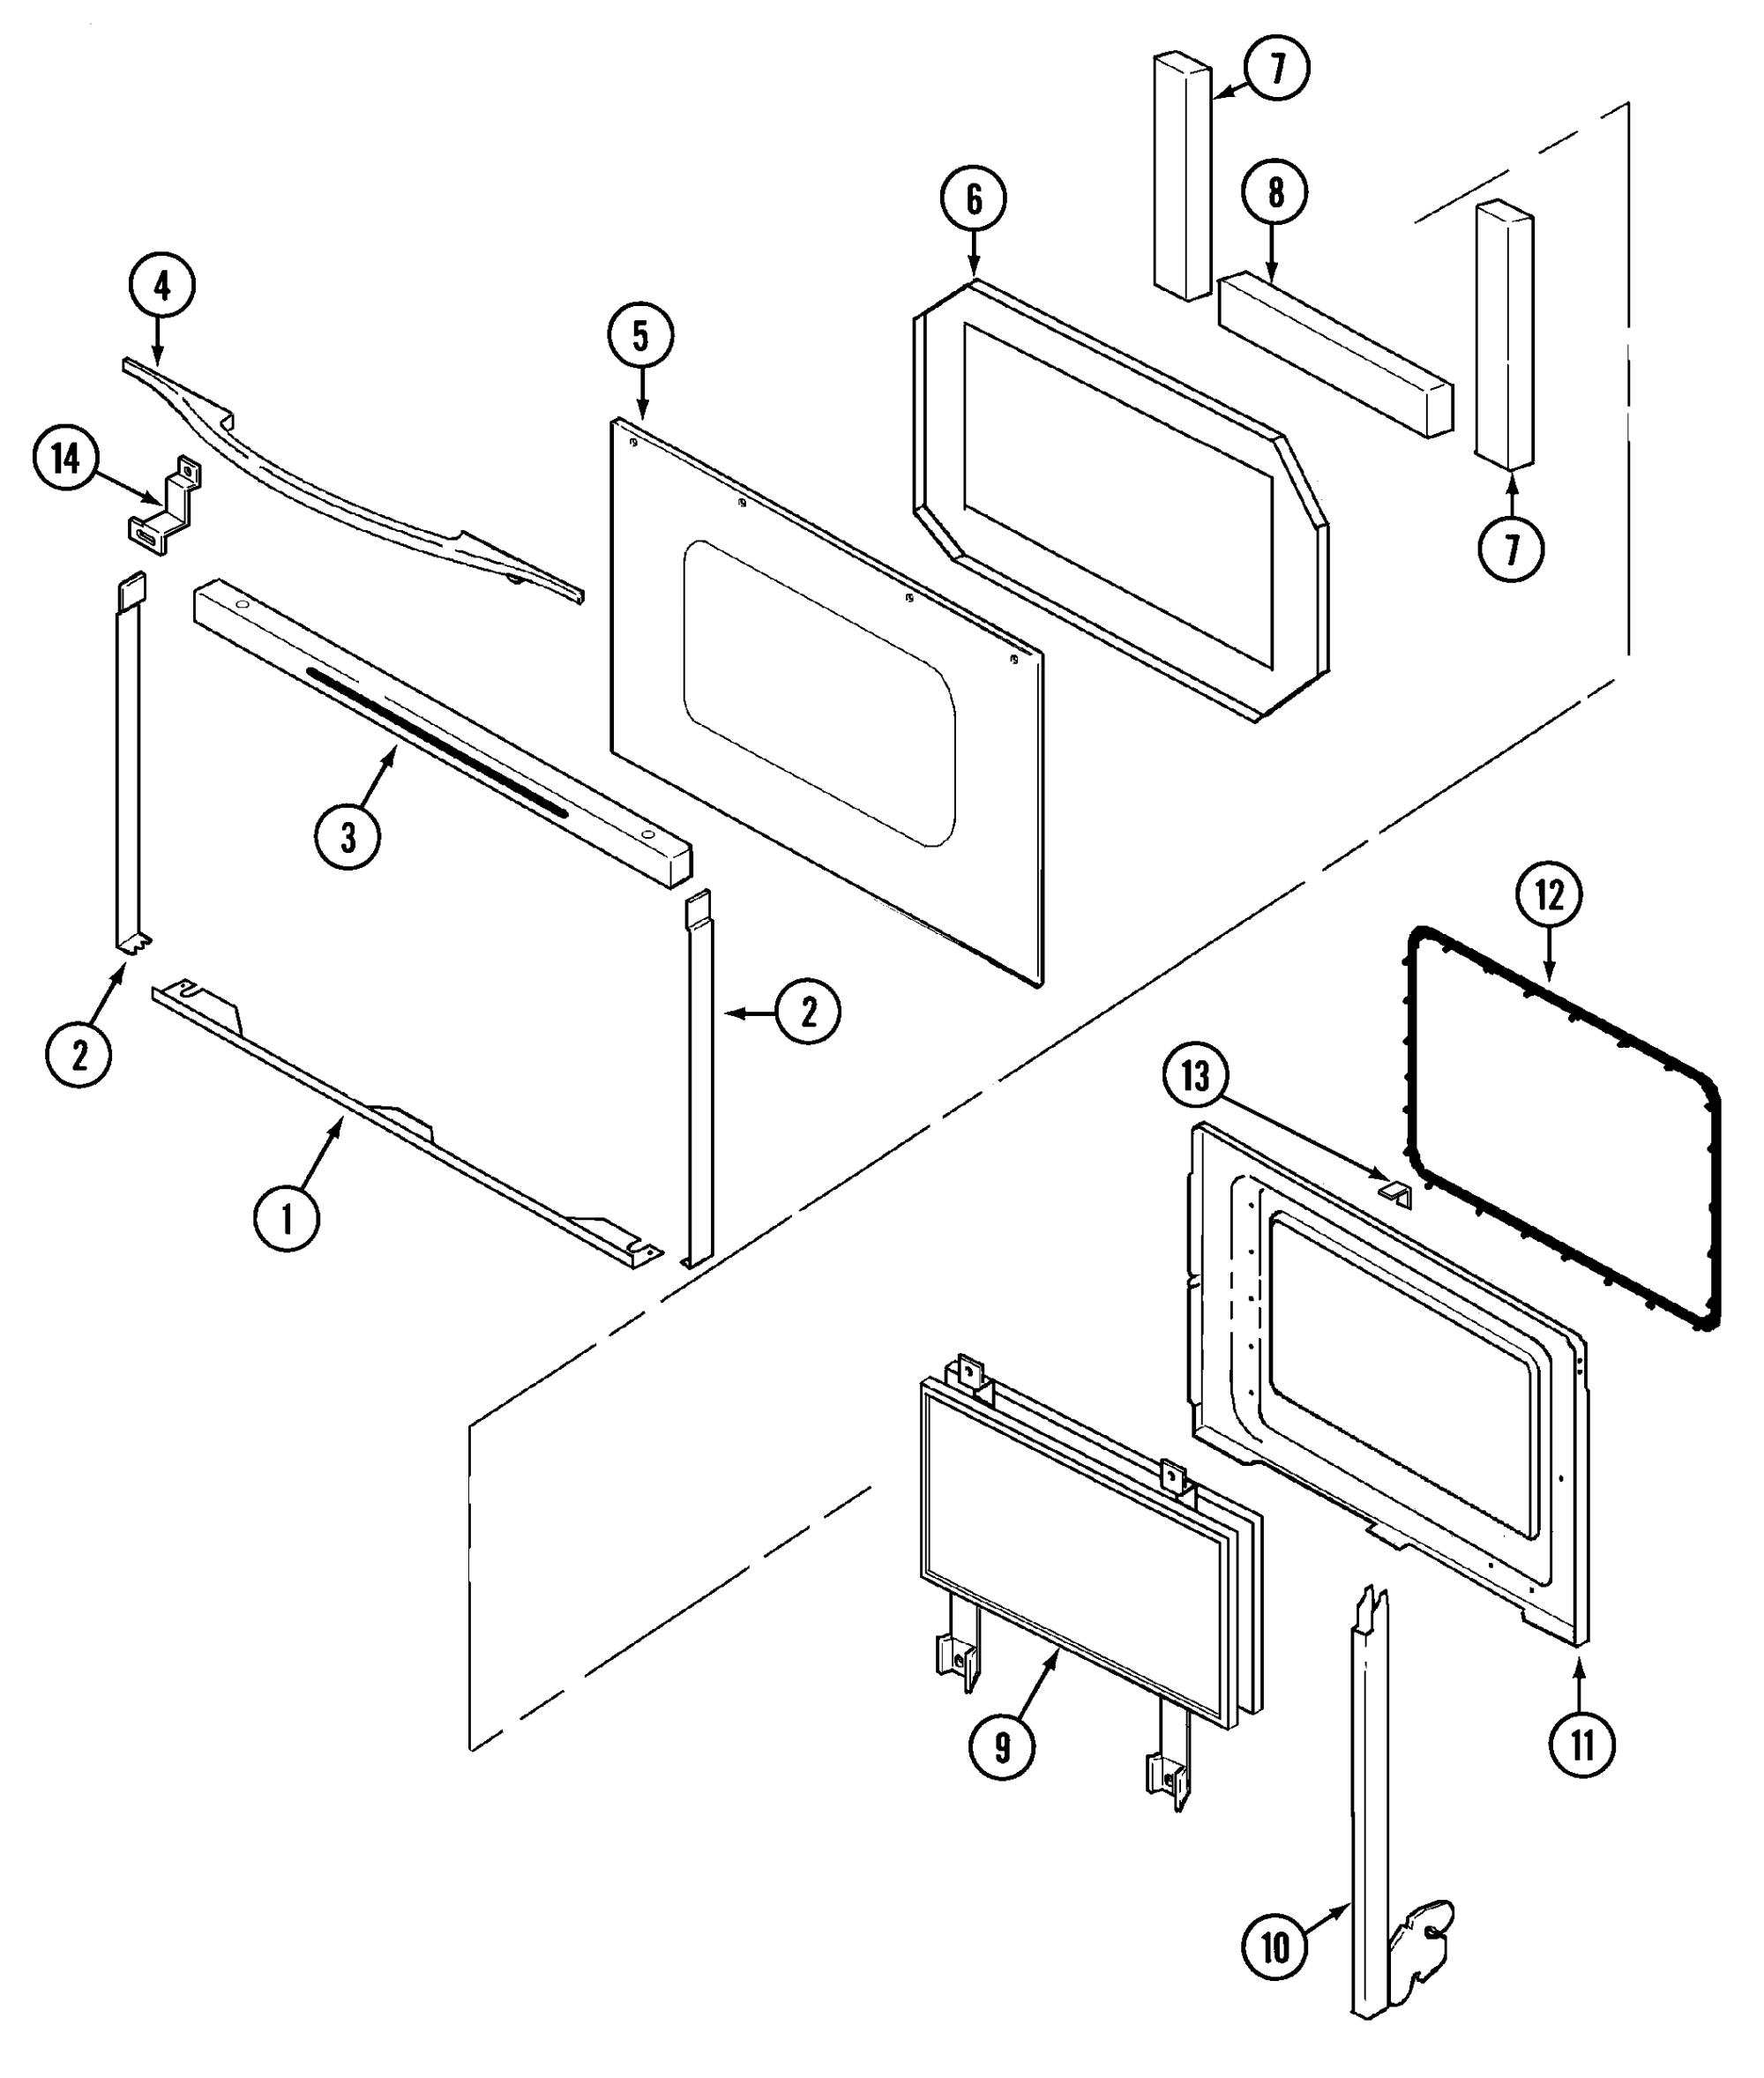 hight resolution of sce30600b electric slide in range door parts diagram